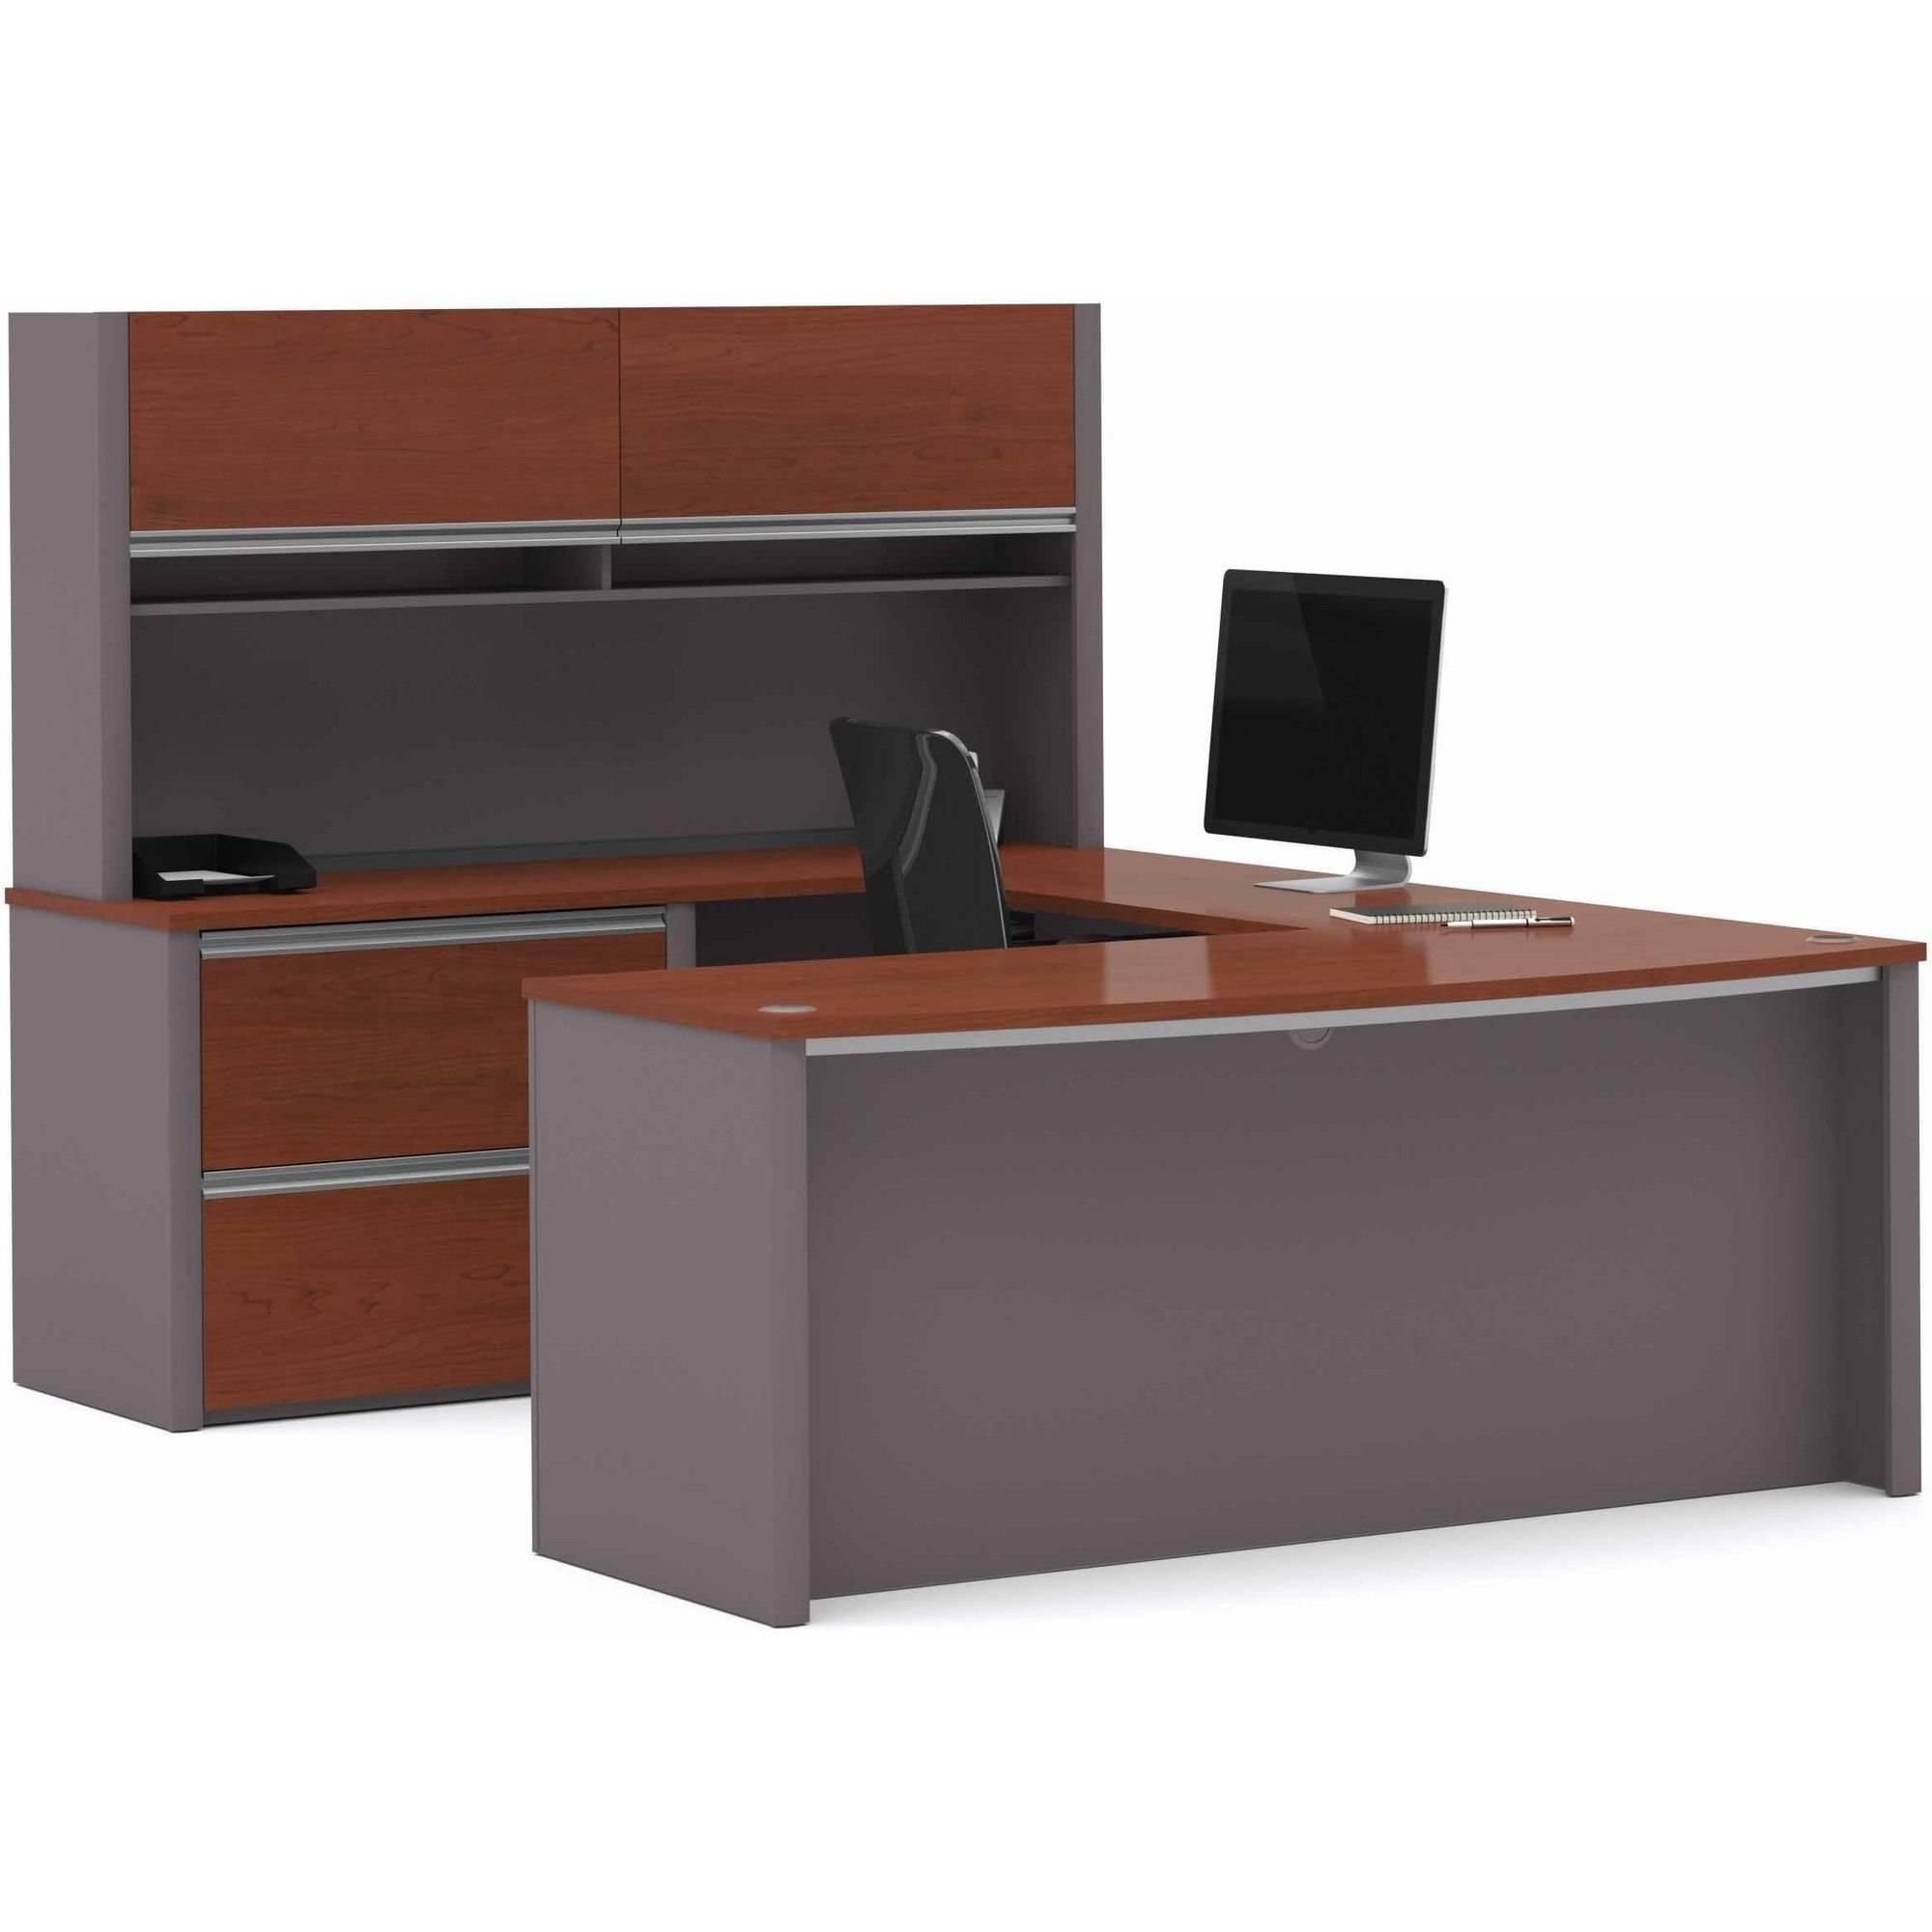 Computer Desks Under $300 Within Latest Desks & Workstations – Walmart (Gallery 19 of 20)